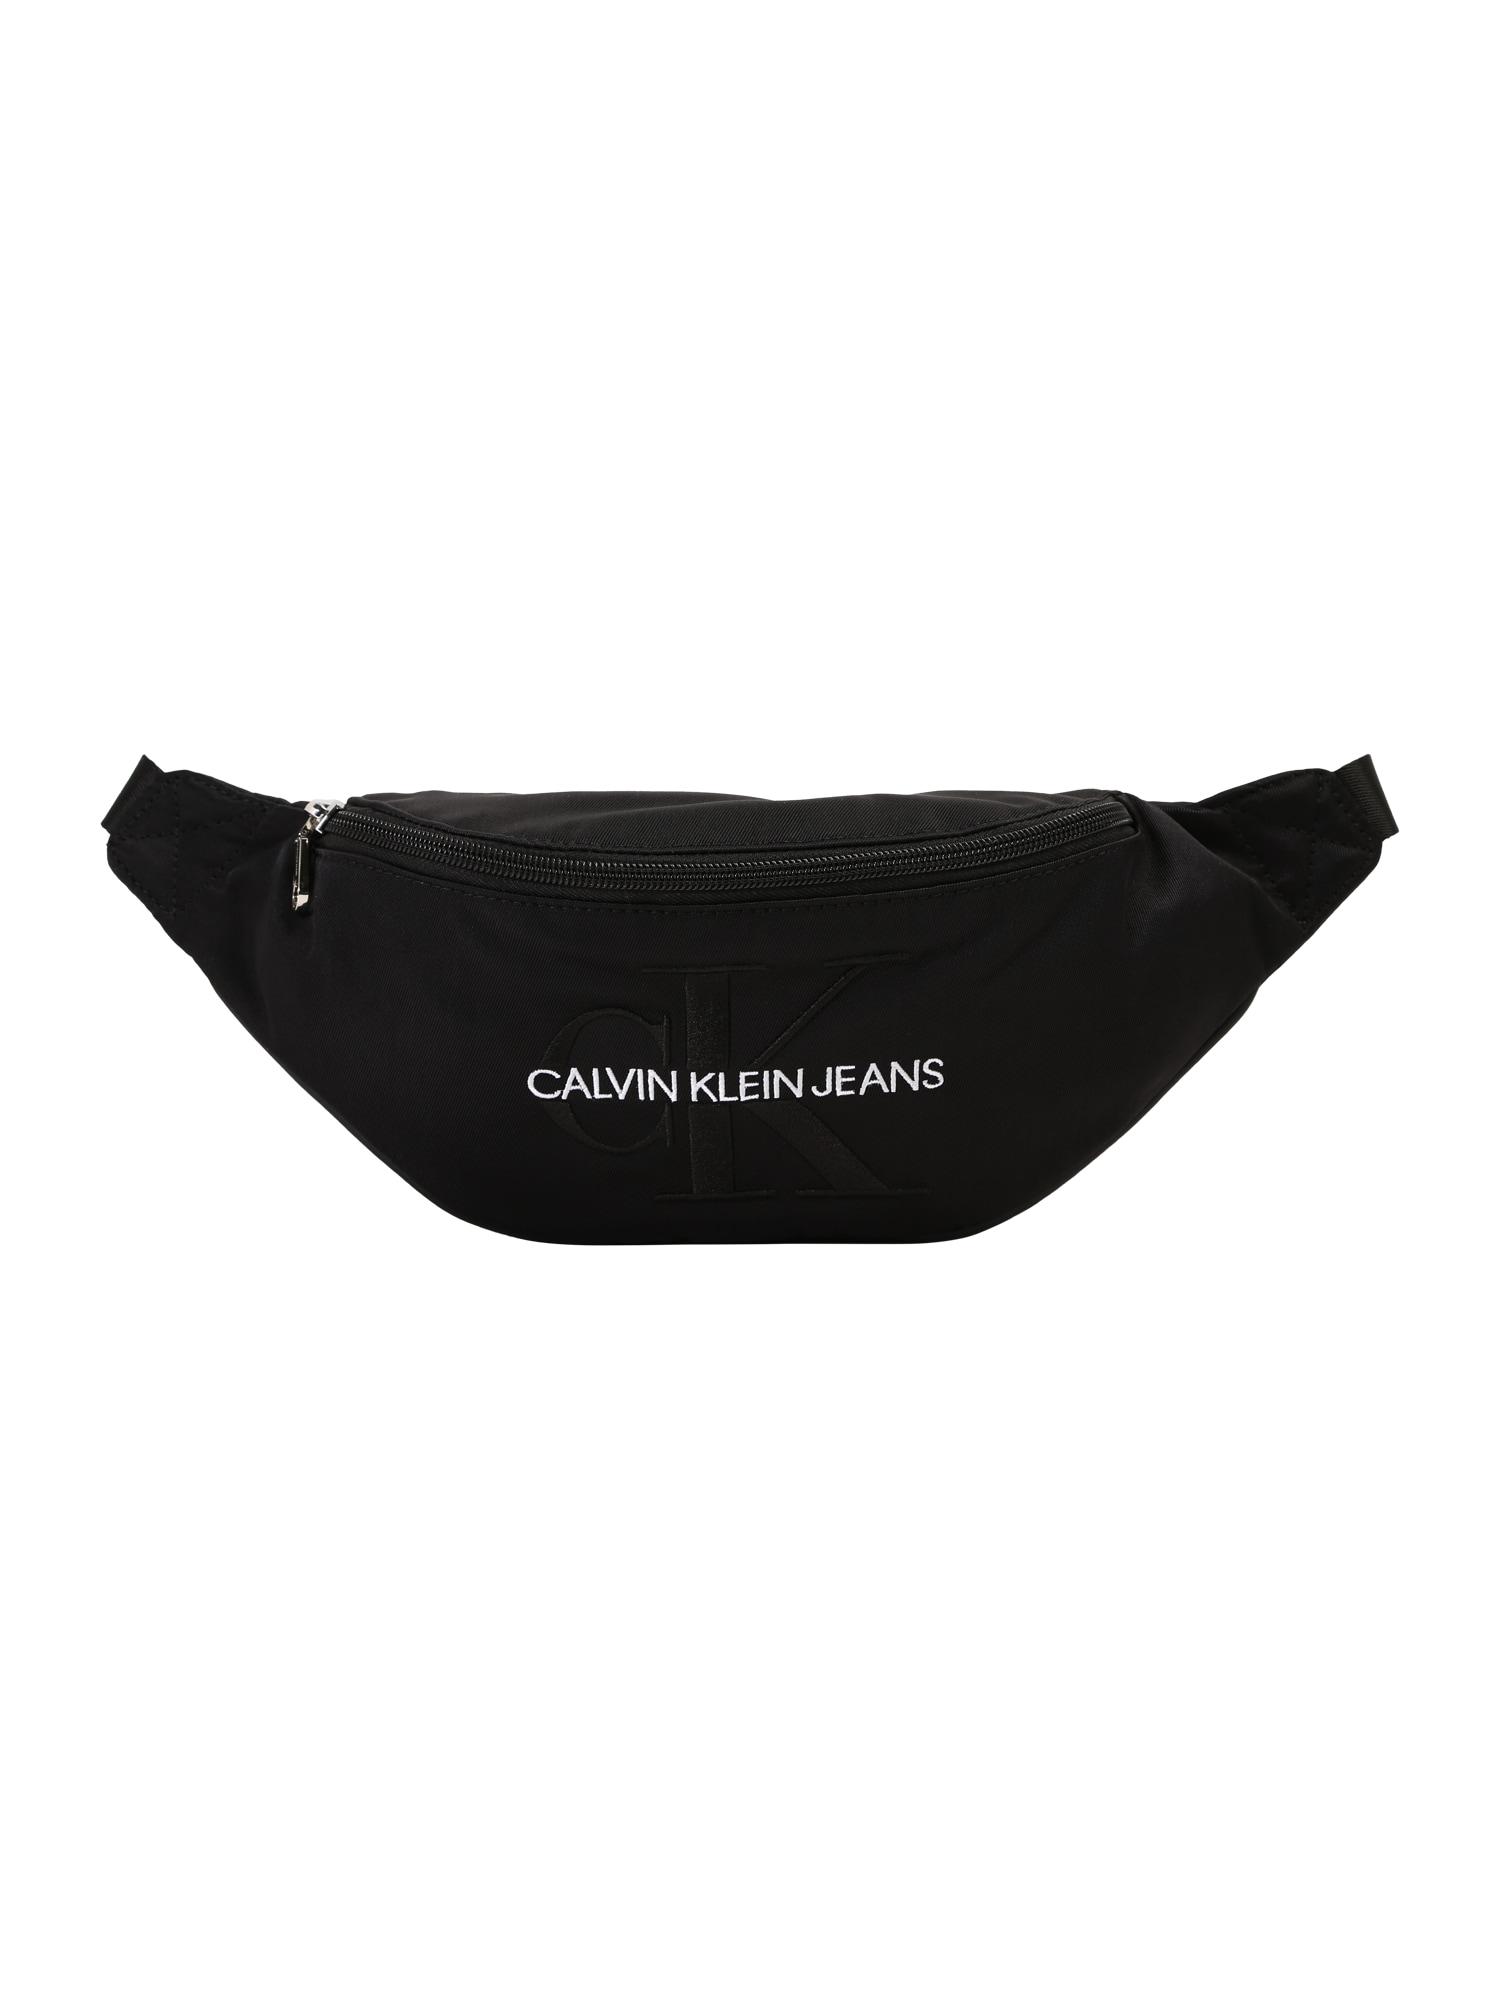 Calvin Klein Jeans Rankinė ant juosmens 'MONOGRAM STREET PACK' juoda